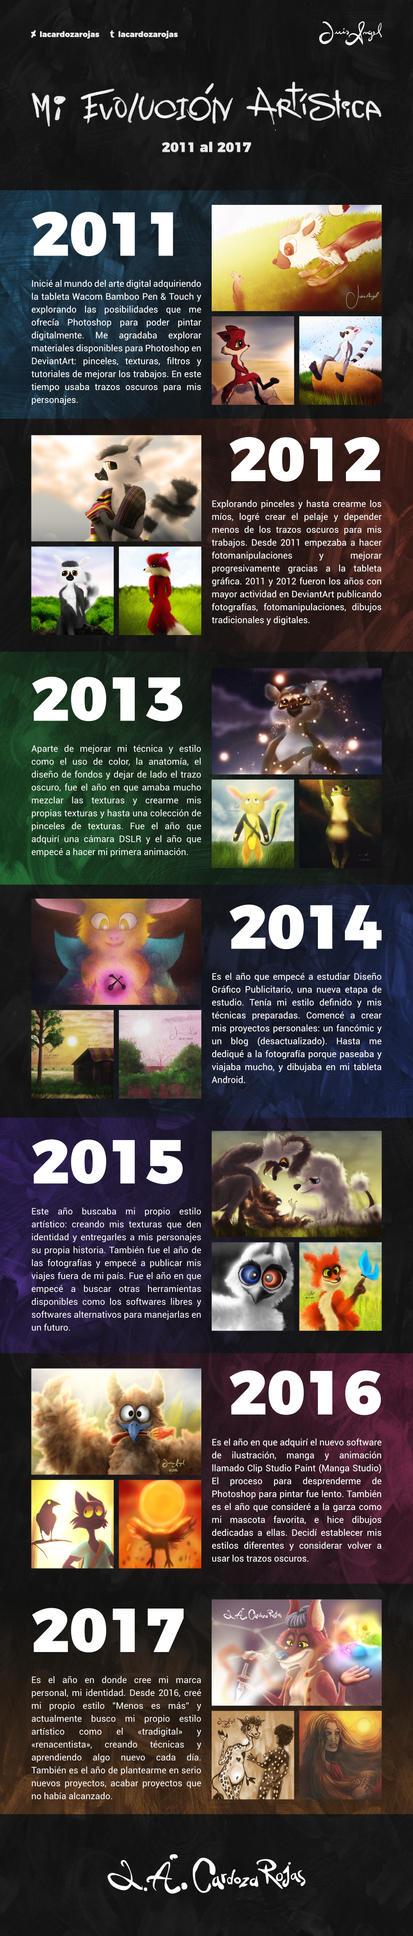 Mi evolucion artistica (2011-2017) by LACardozaRojas